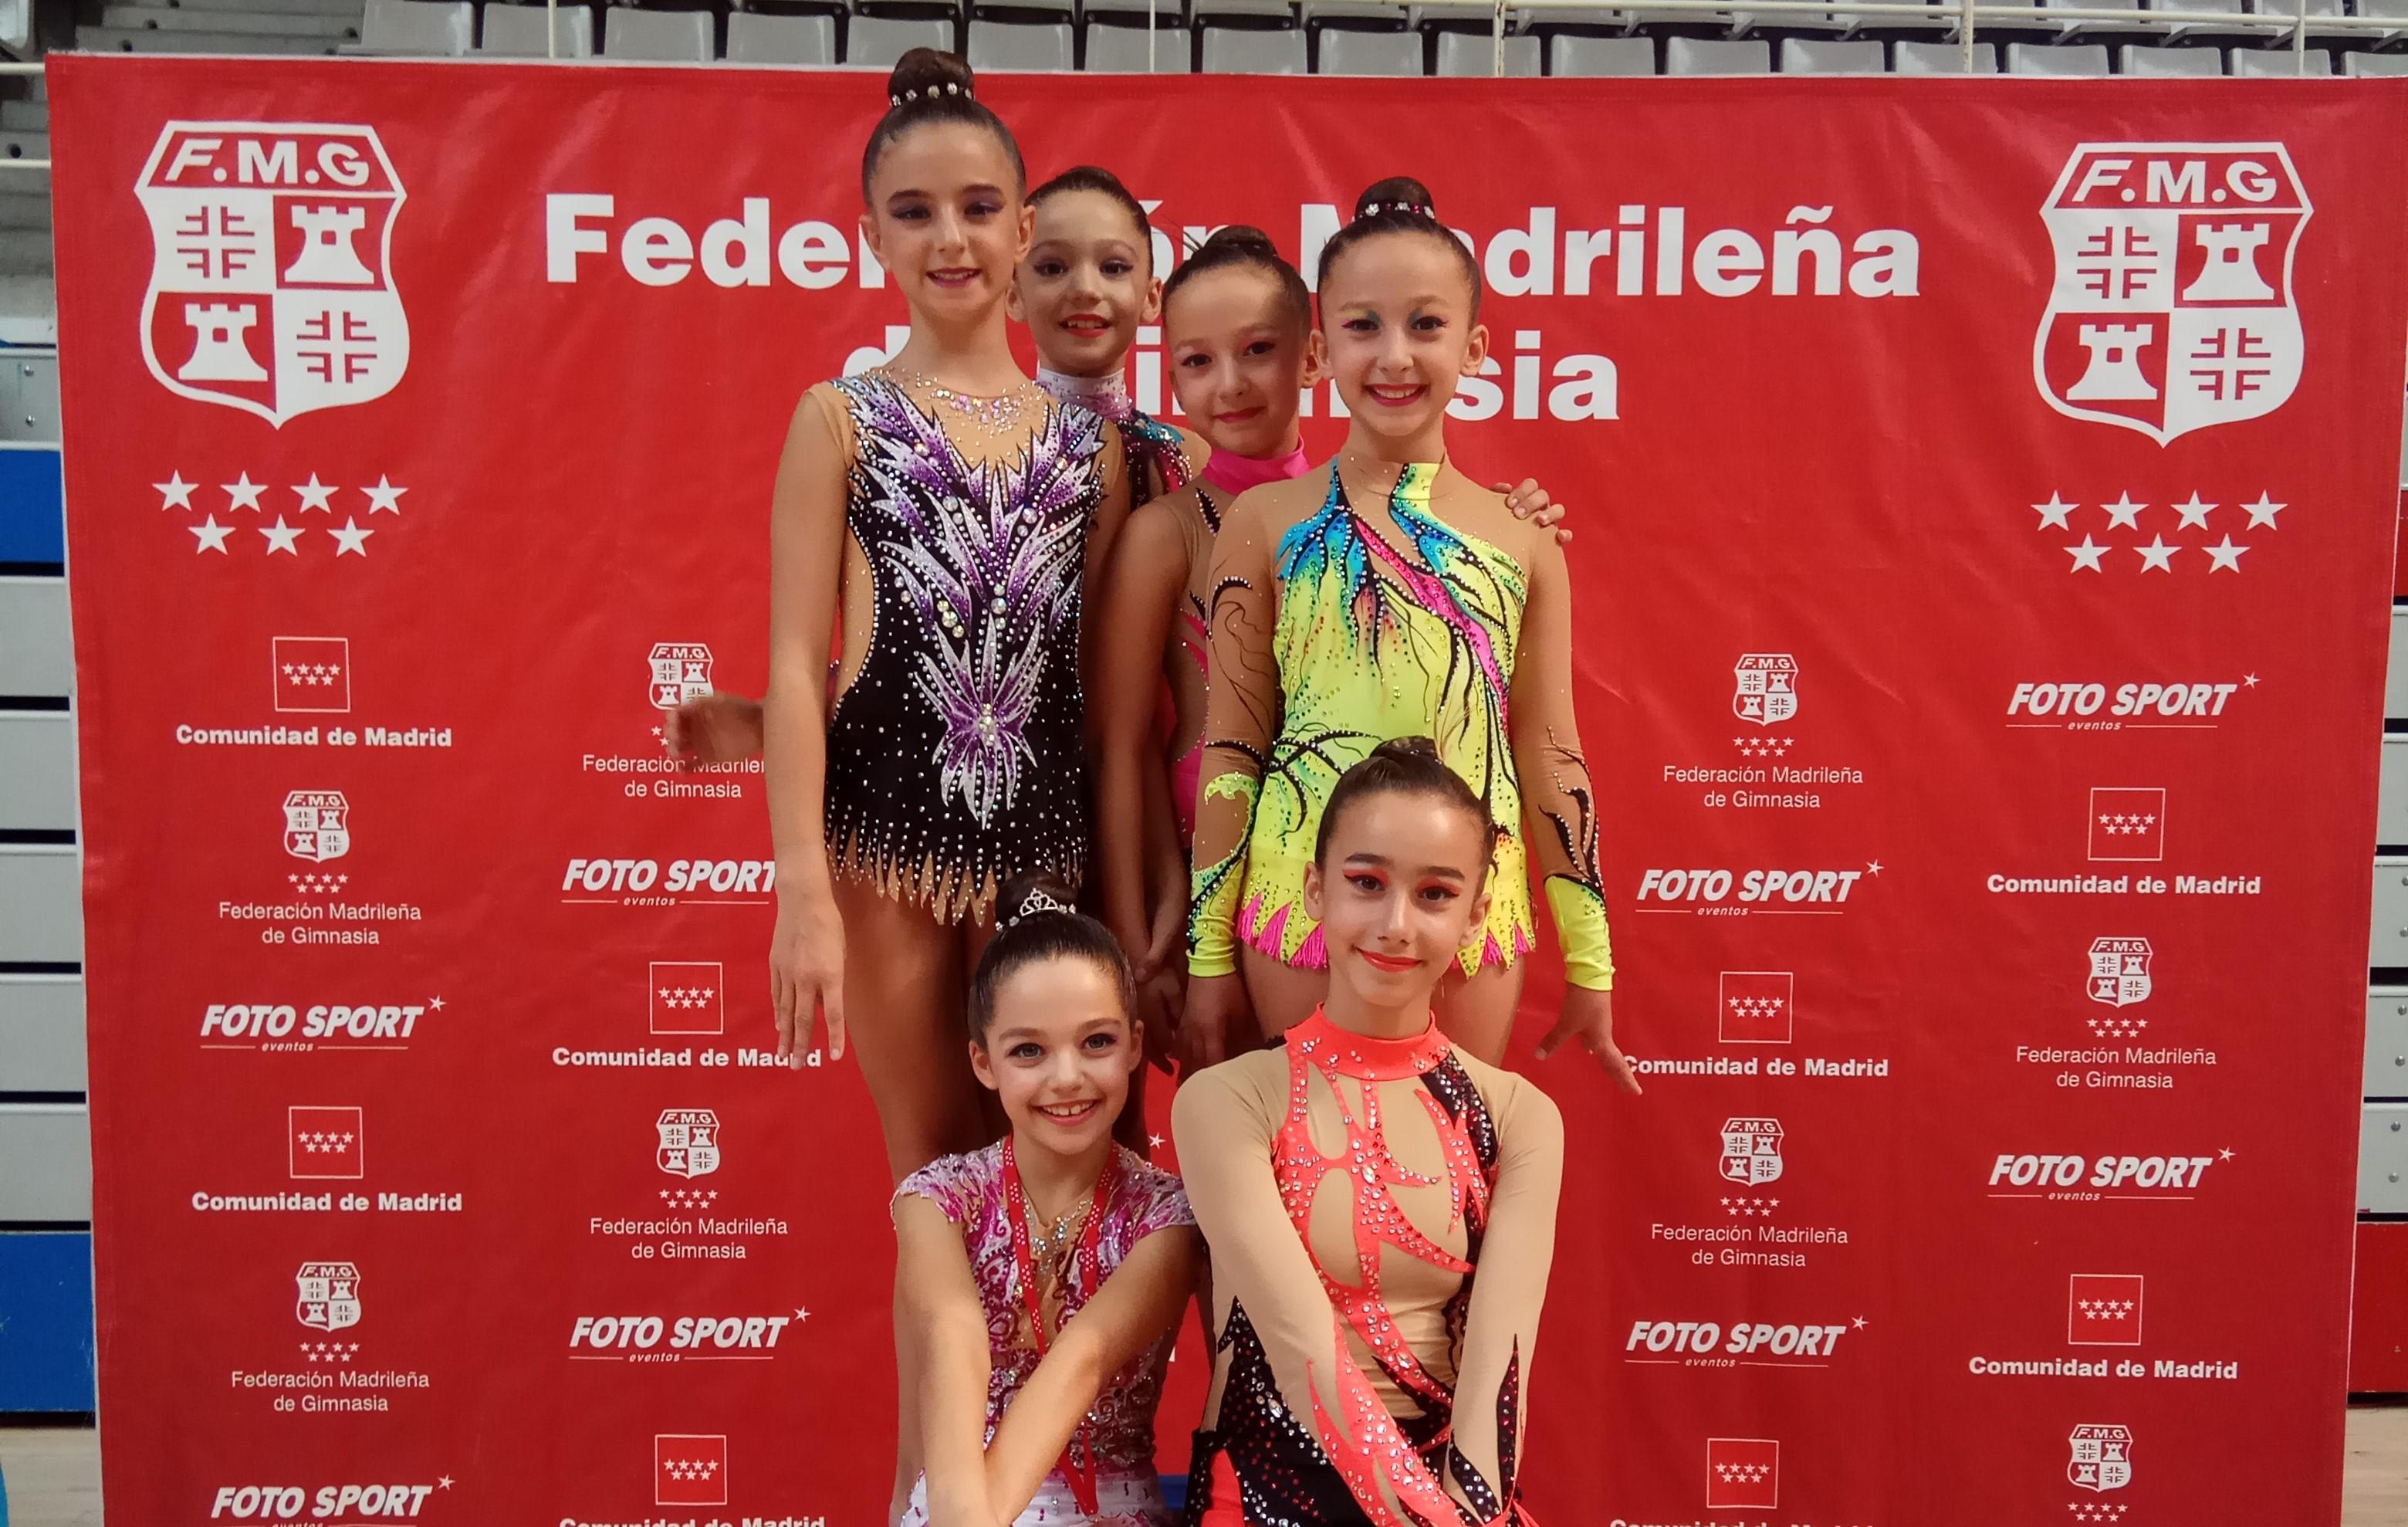 El CGR Velilla consigue clasificarse para el Campeonato de España Copa Base con cuatro de sus gimnastas